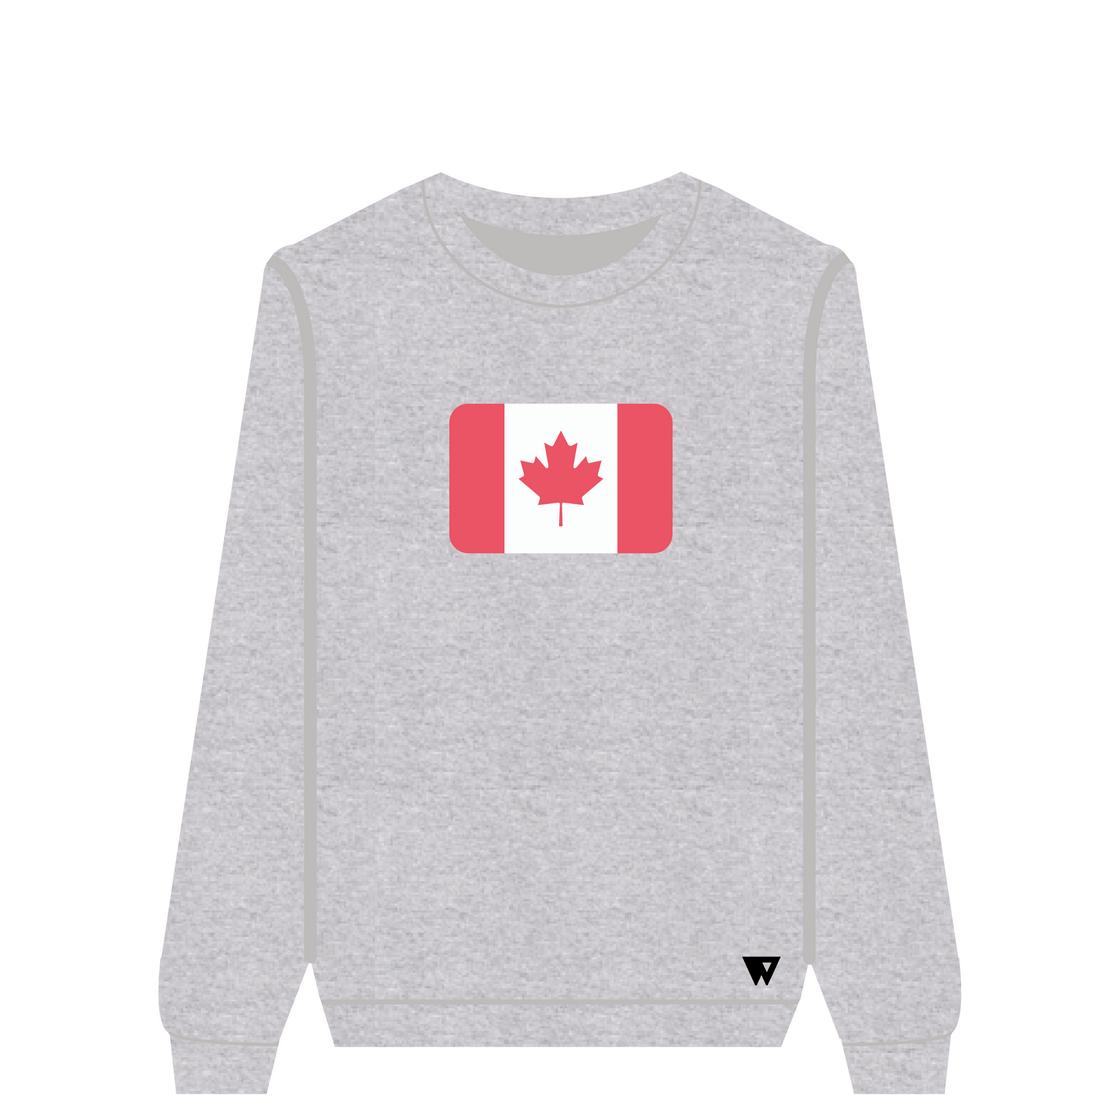 Sweatshirt Canada | Wuzzee